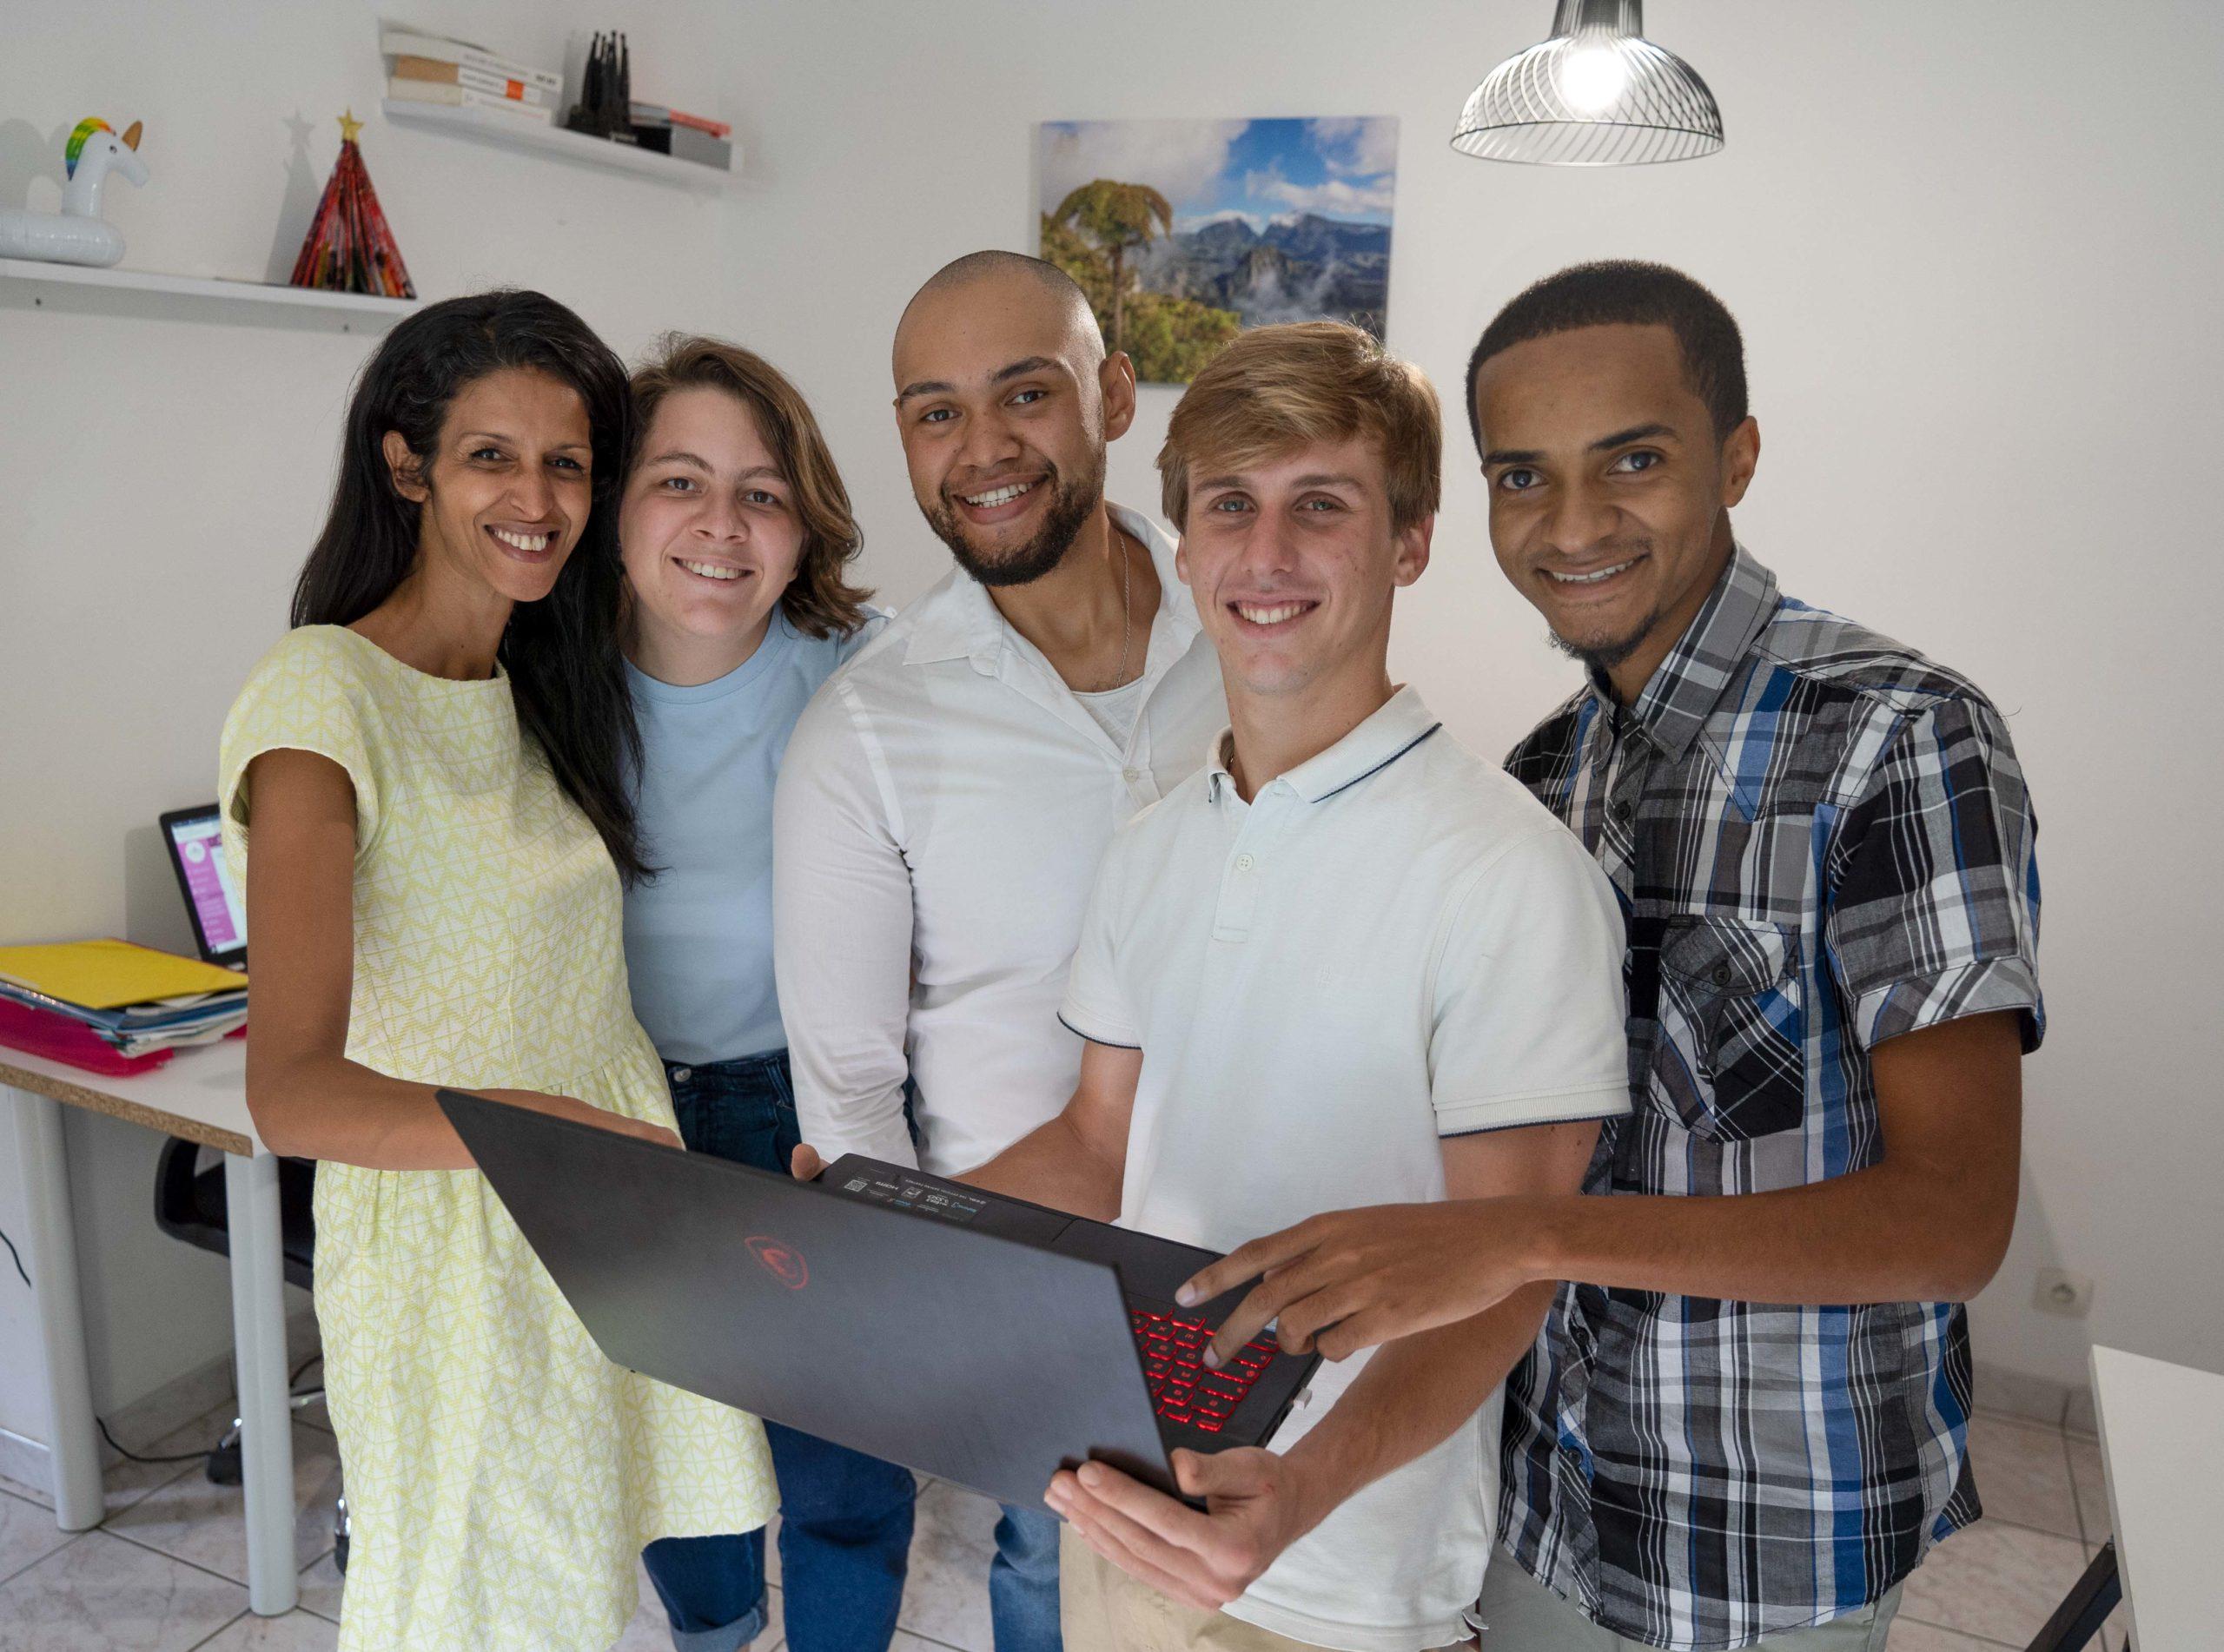 L'équipe JBI, Agence de communication La Réunion